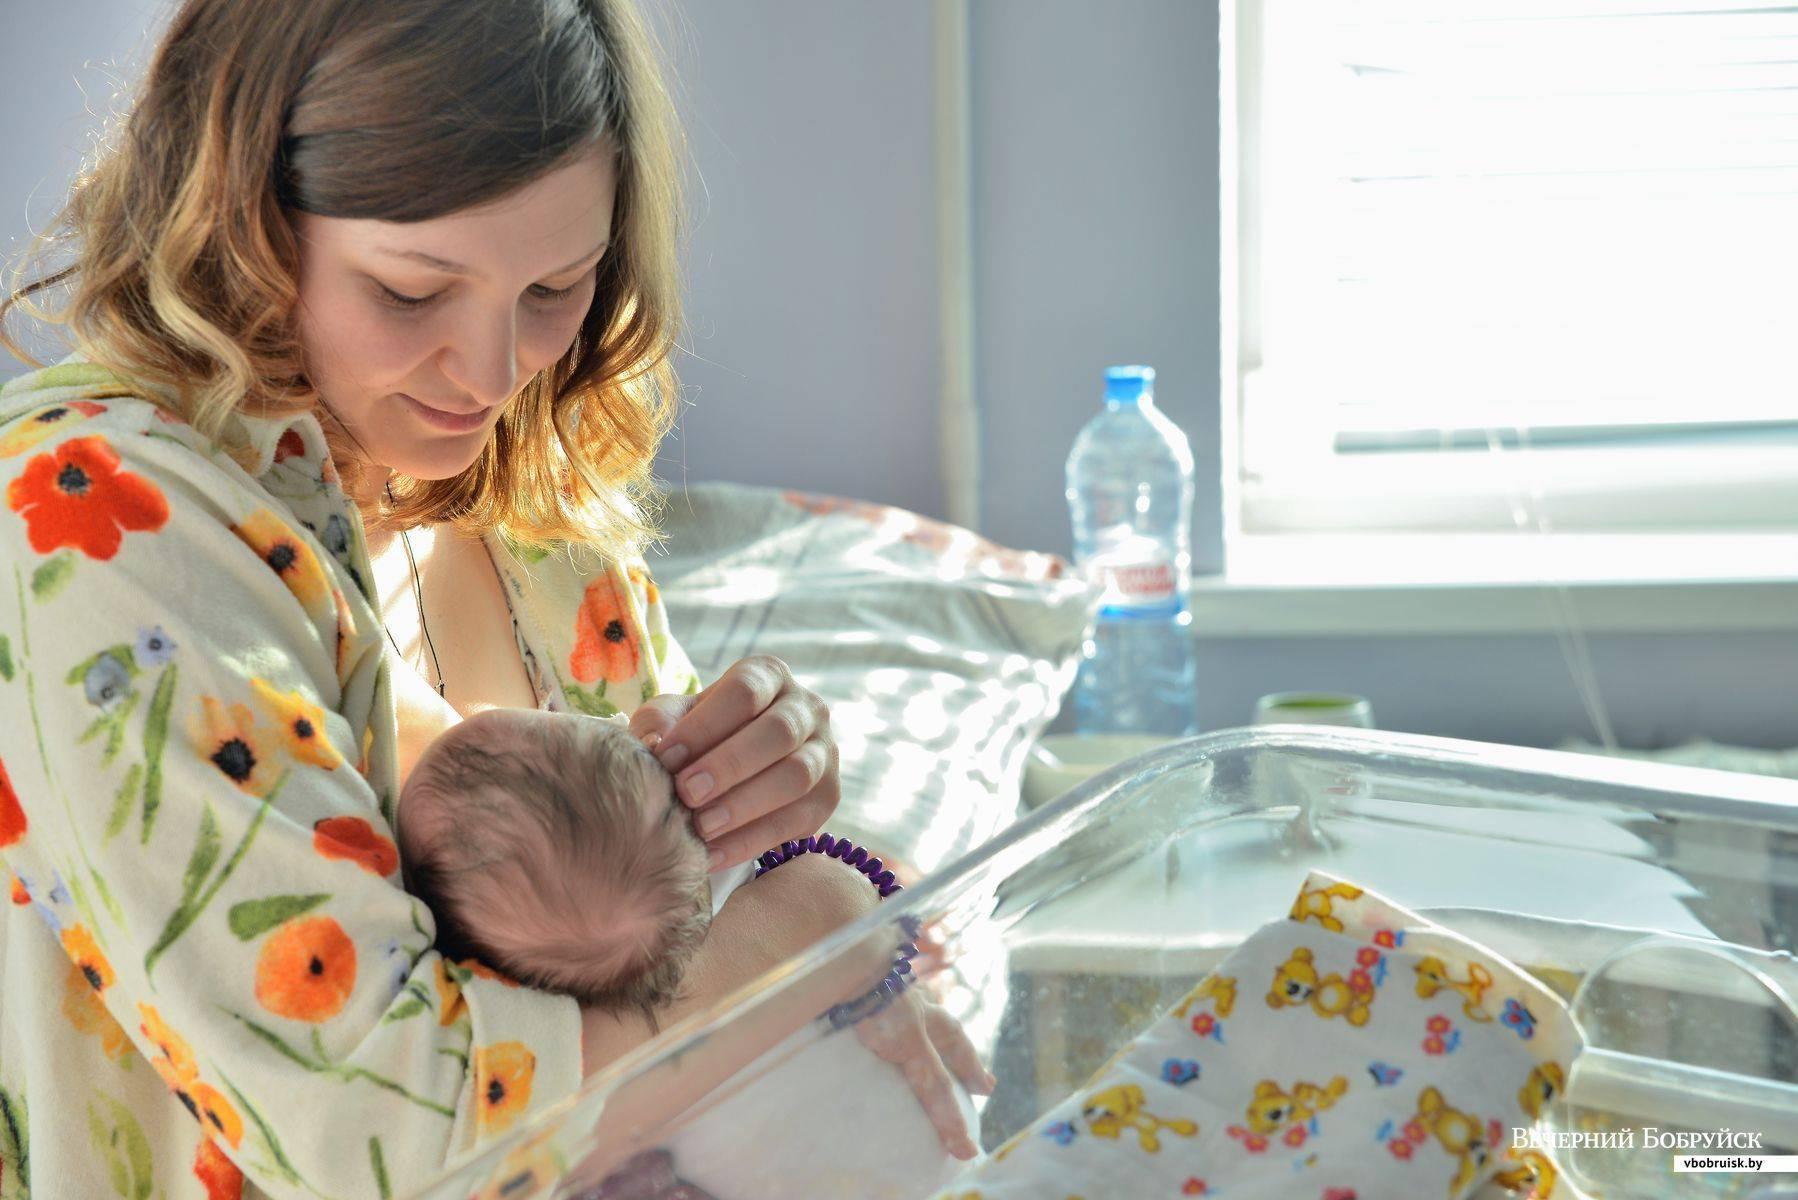 Жаропонижающие при грудном вскармливании: чем сбить температуру без вреда для ребенка